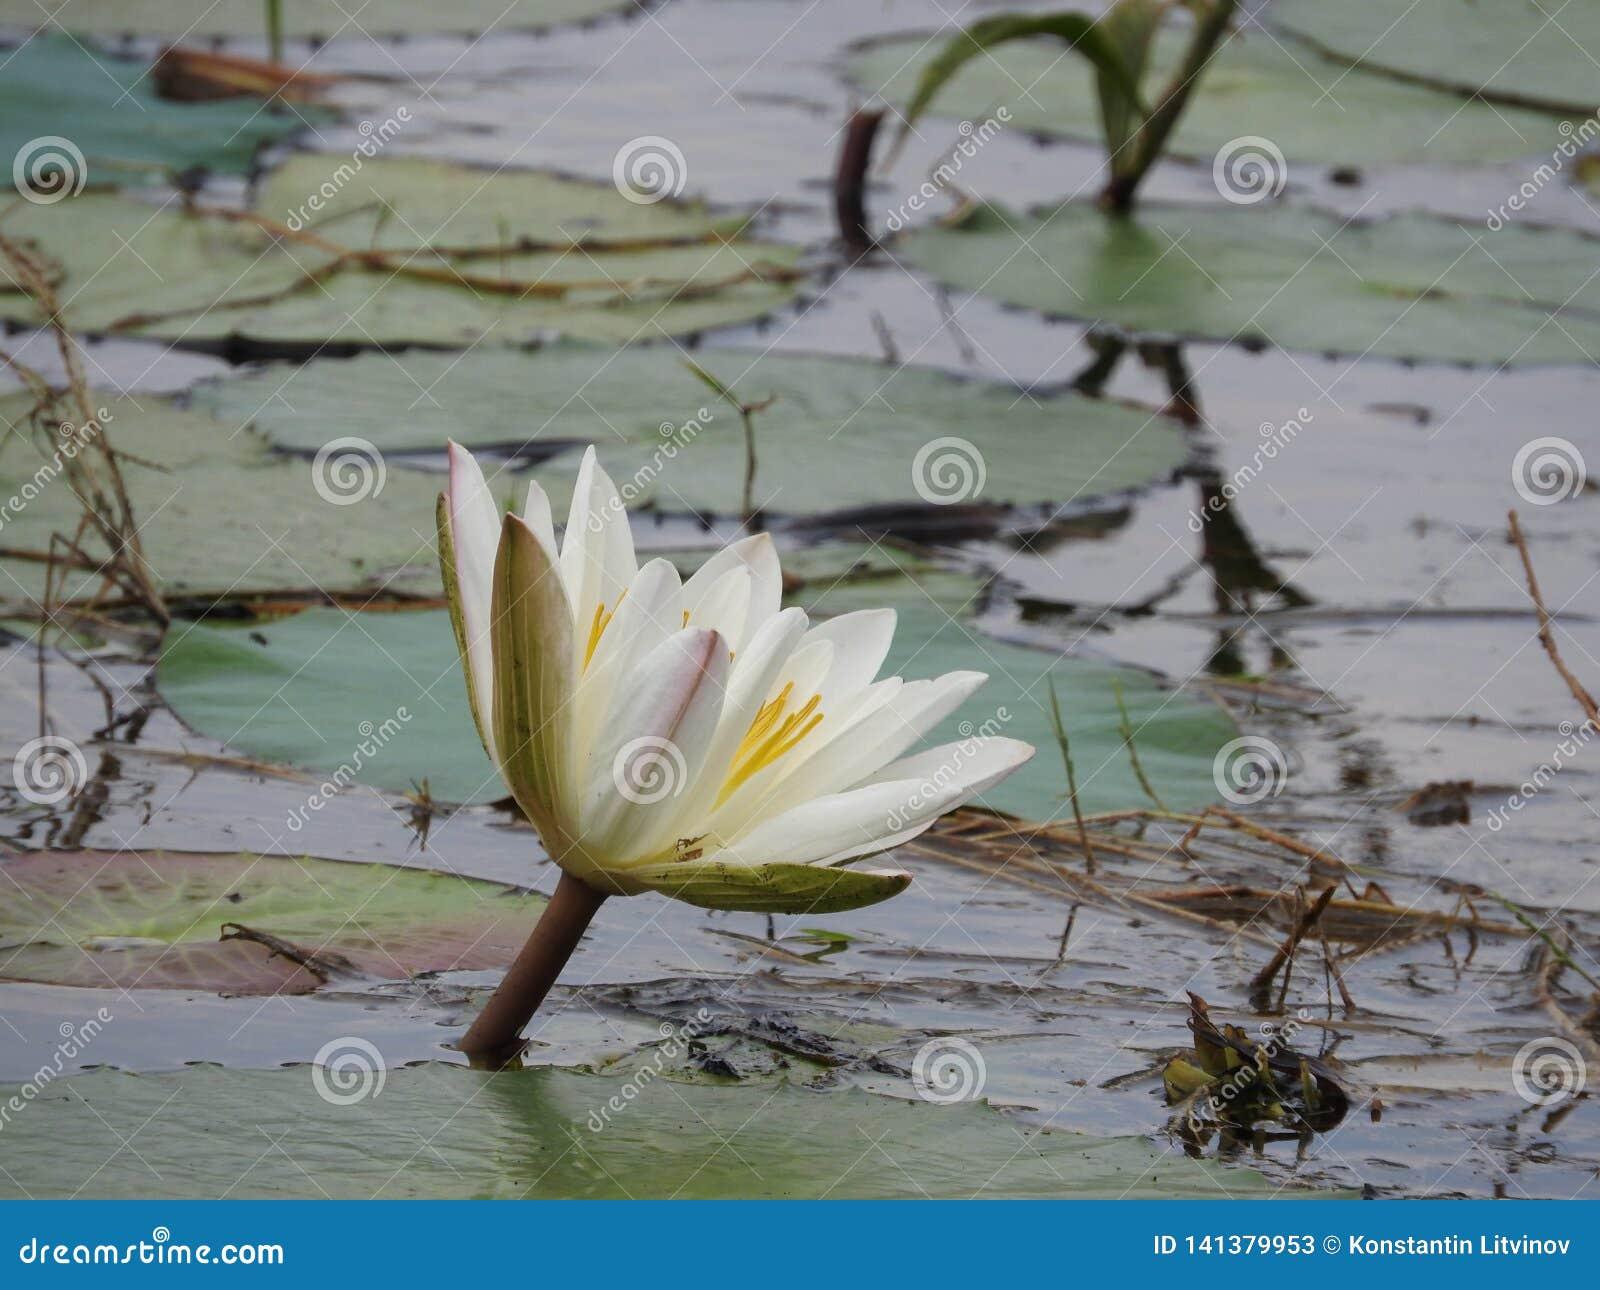 Άσπροι κρίνοι νερού, λίμνη με τα πράσινα φύλλα